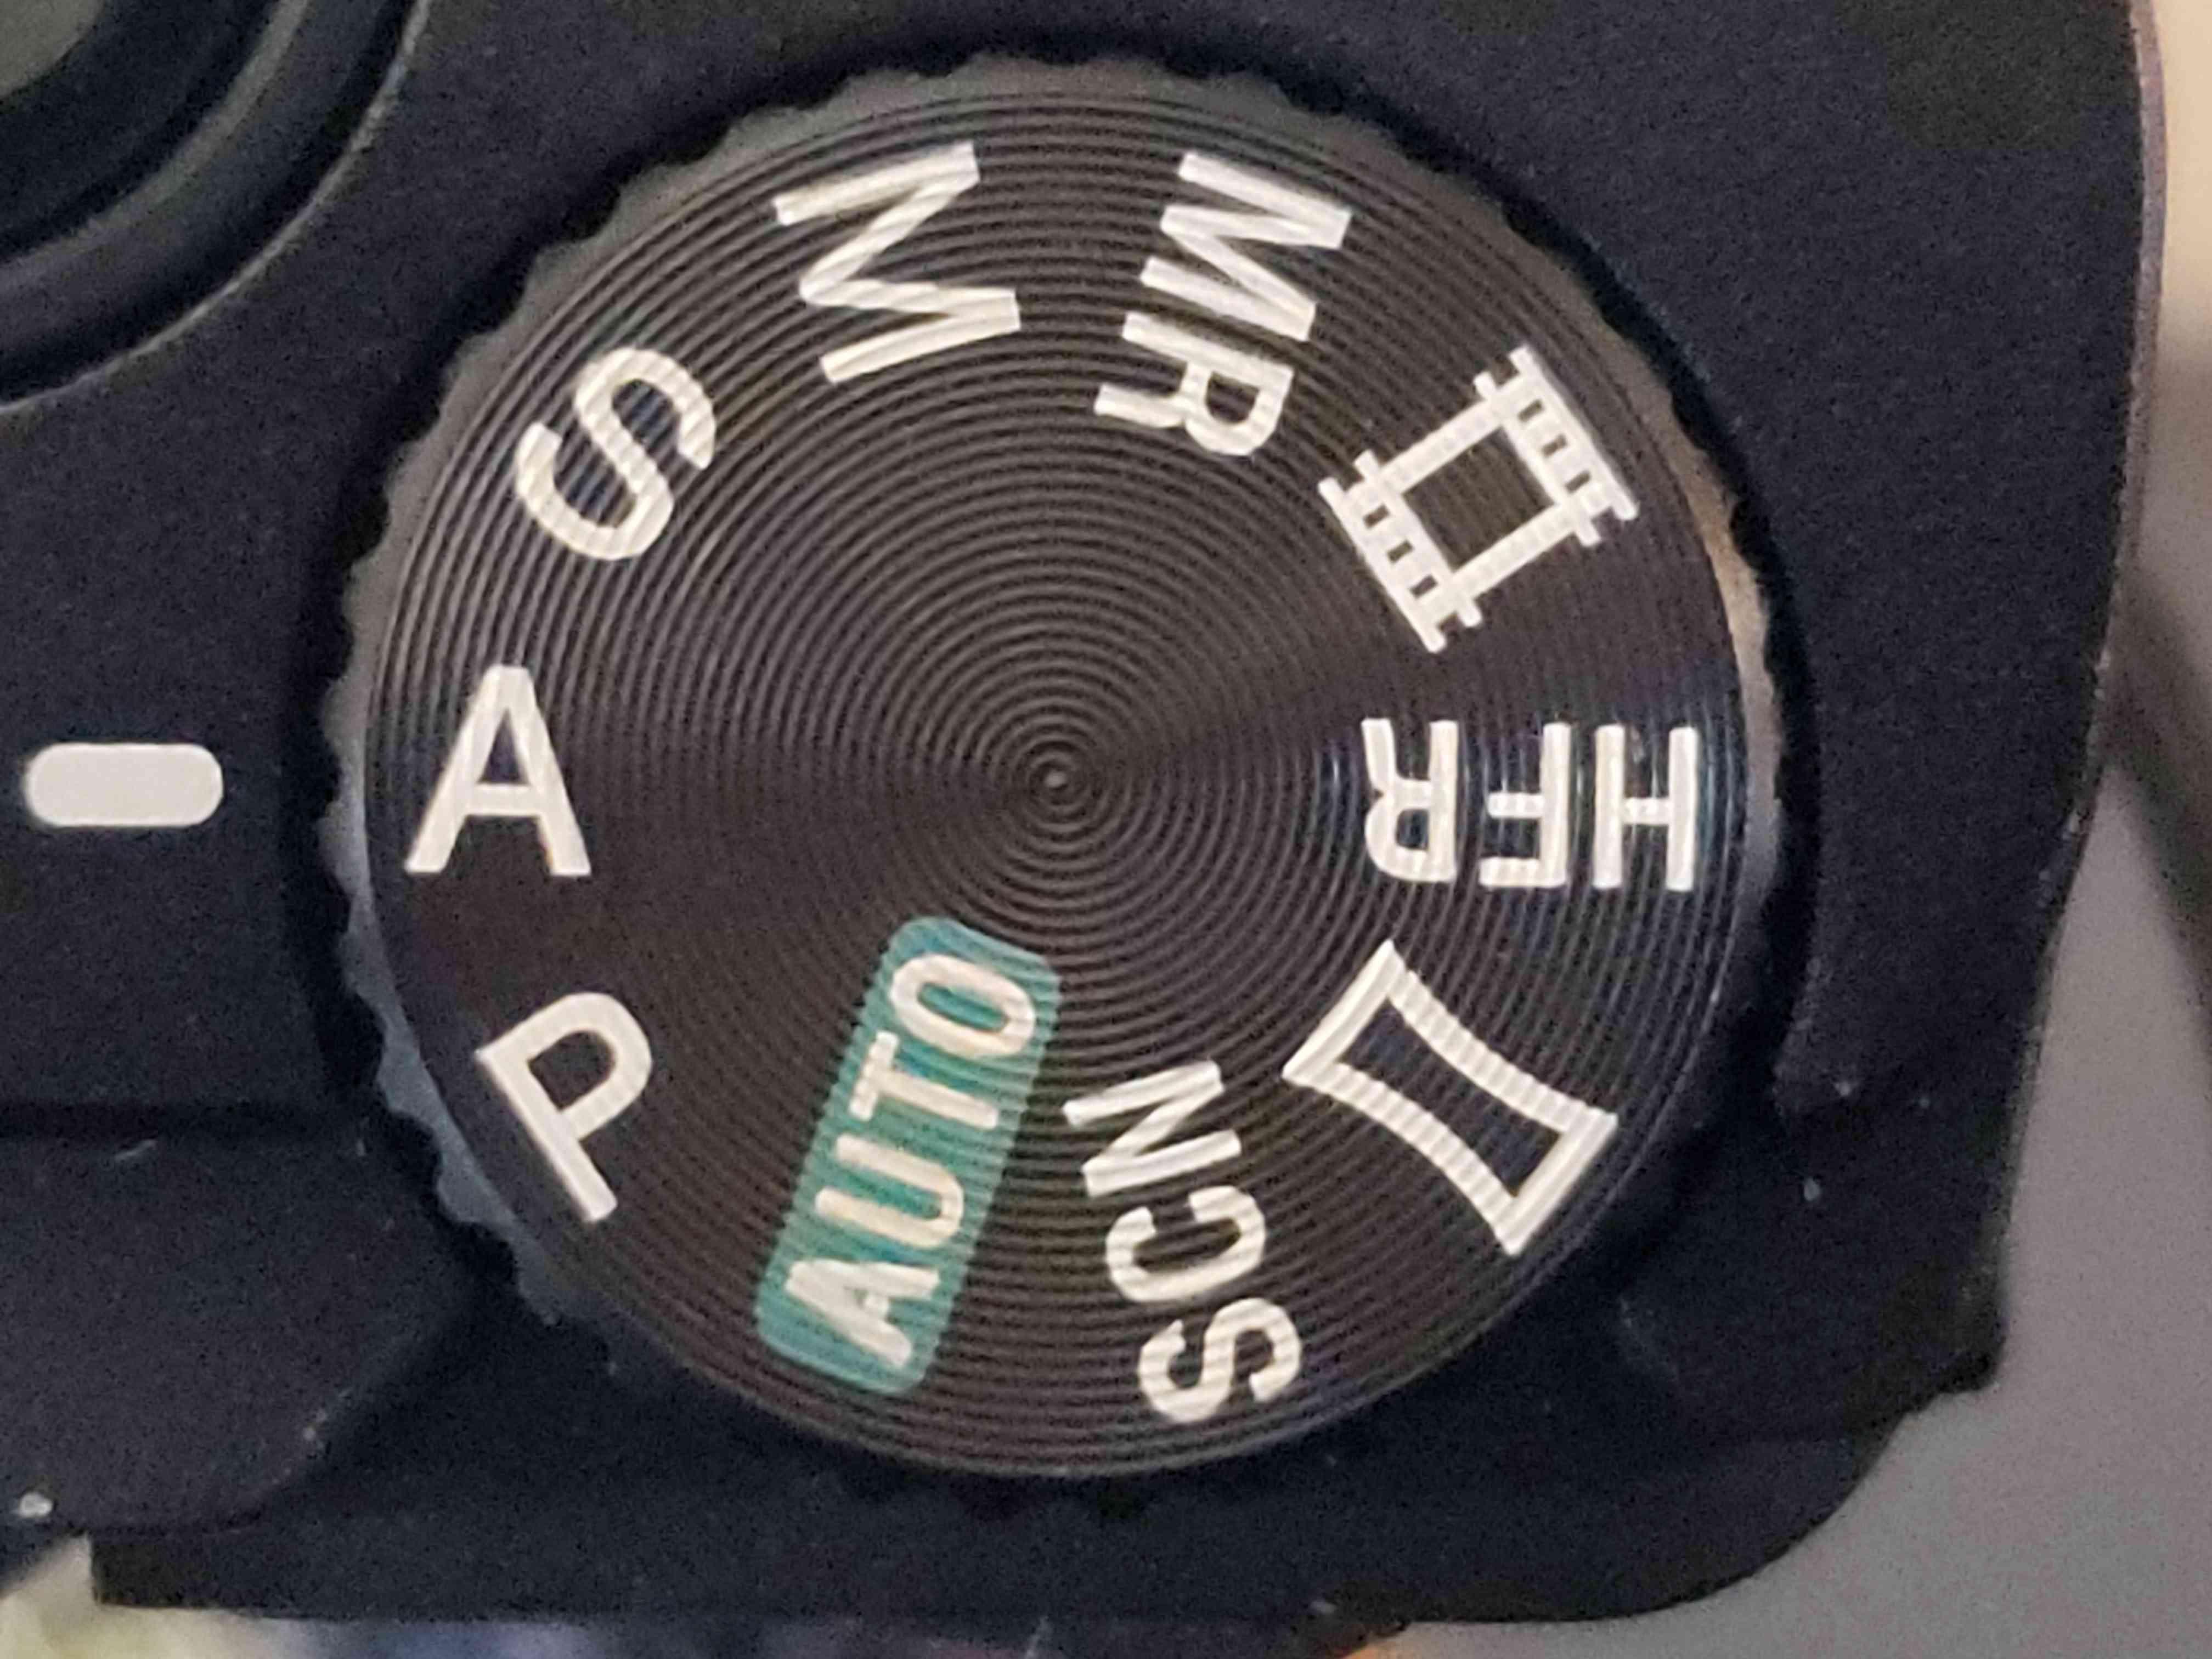 A close up of a camera mode dial.